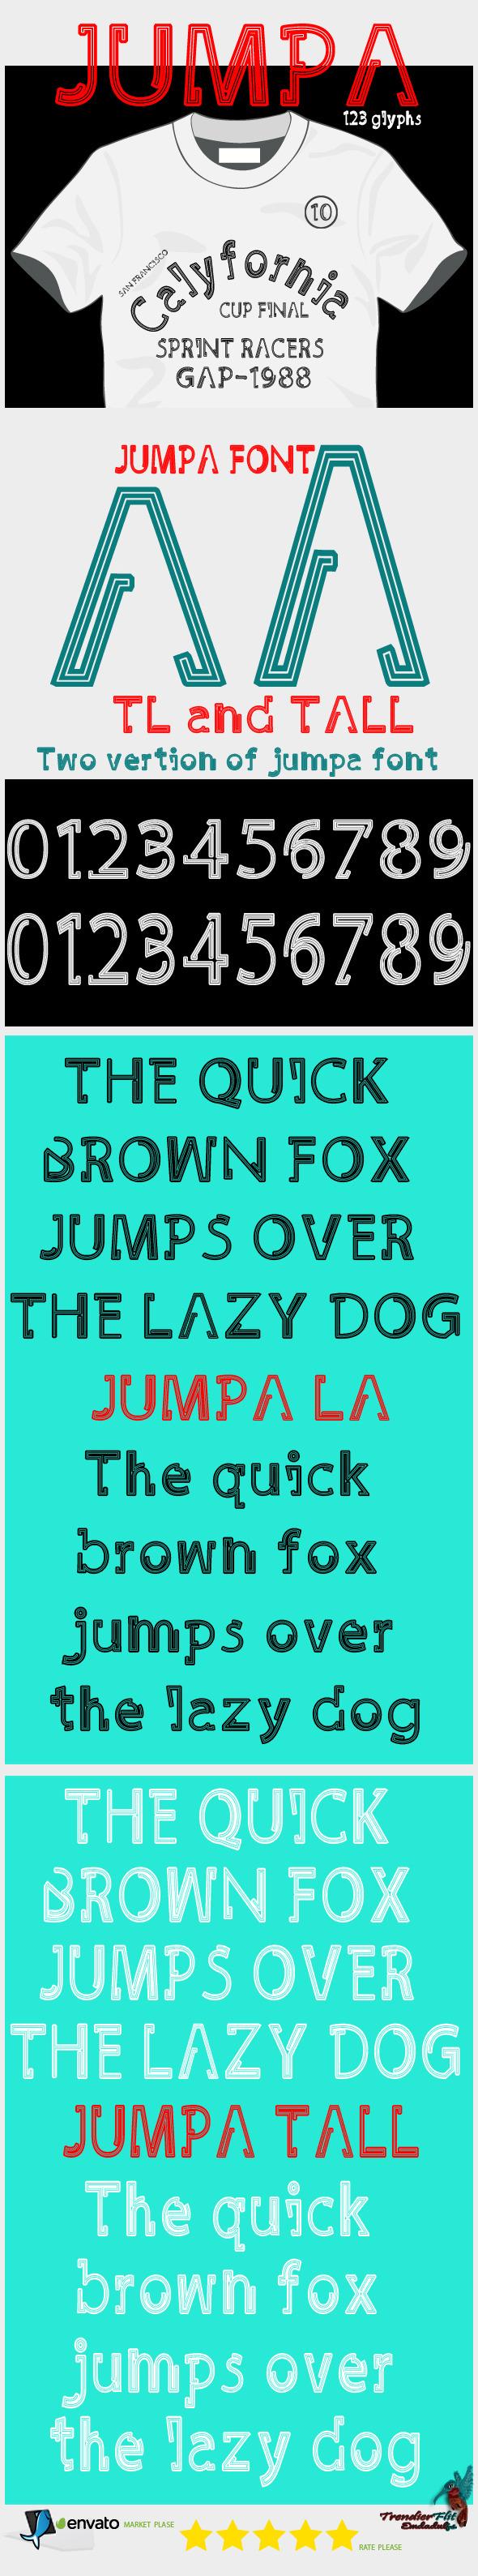 Jumpa Font